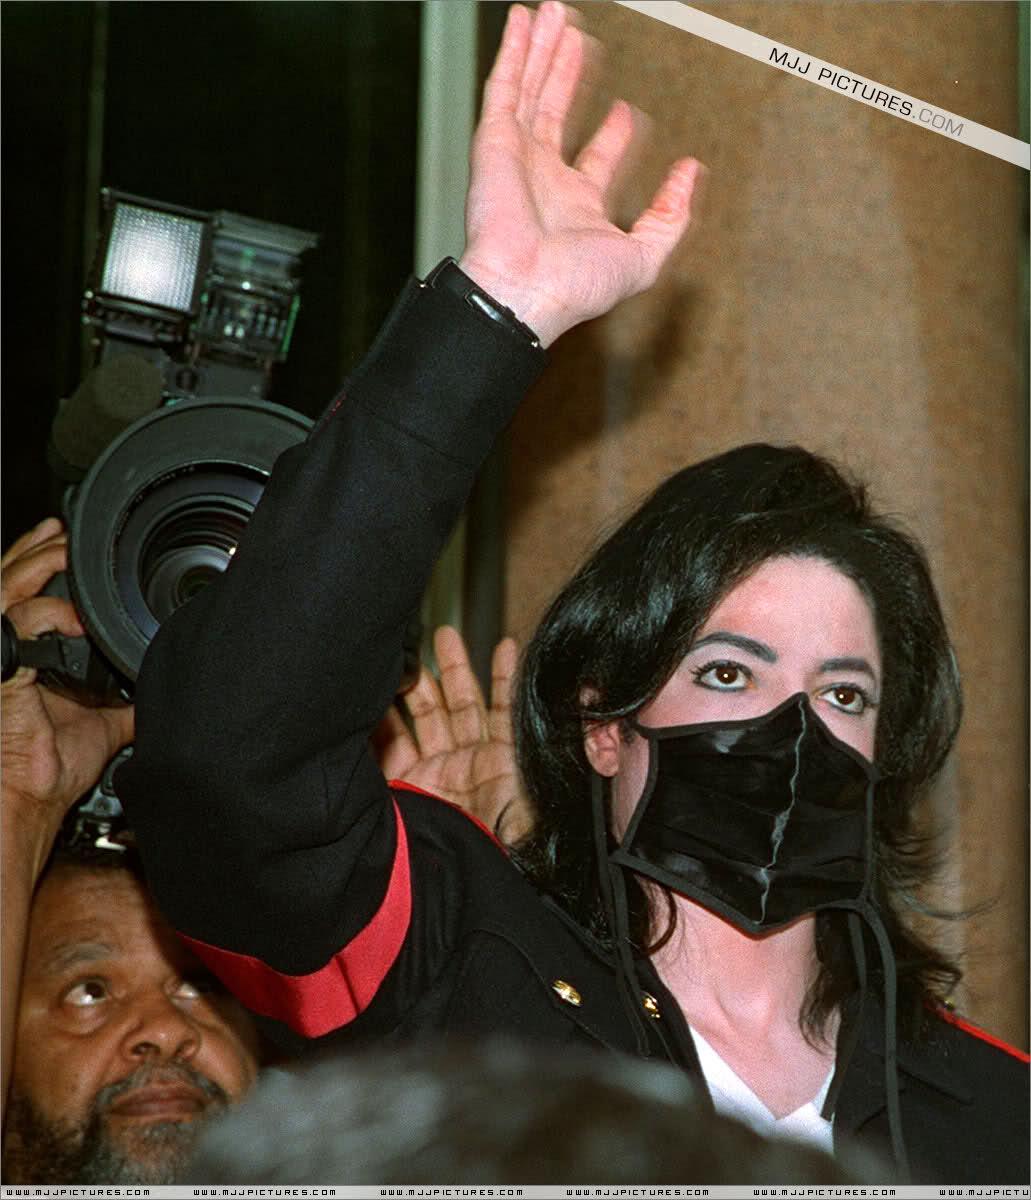 Foto di Michael Jackson con la mascherina - Pagina 6 2dmdnqu